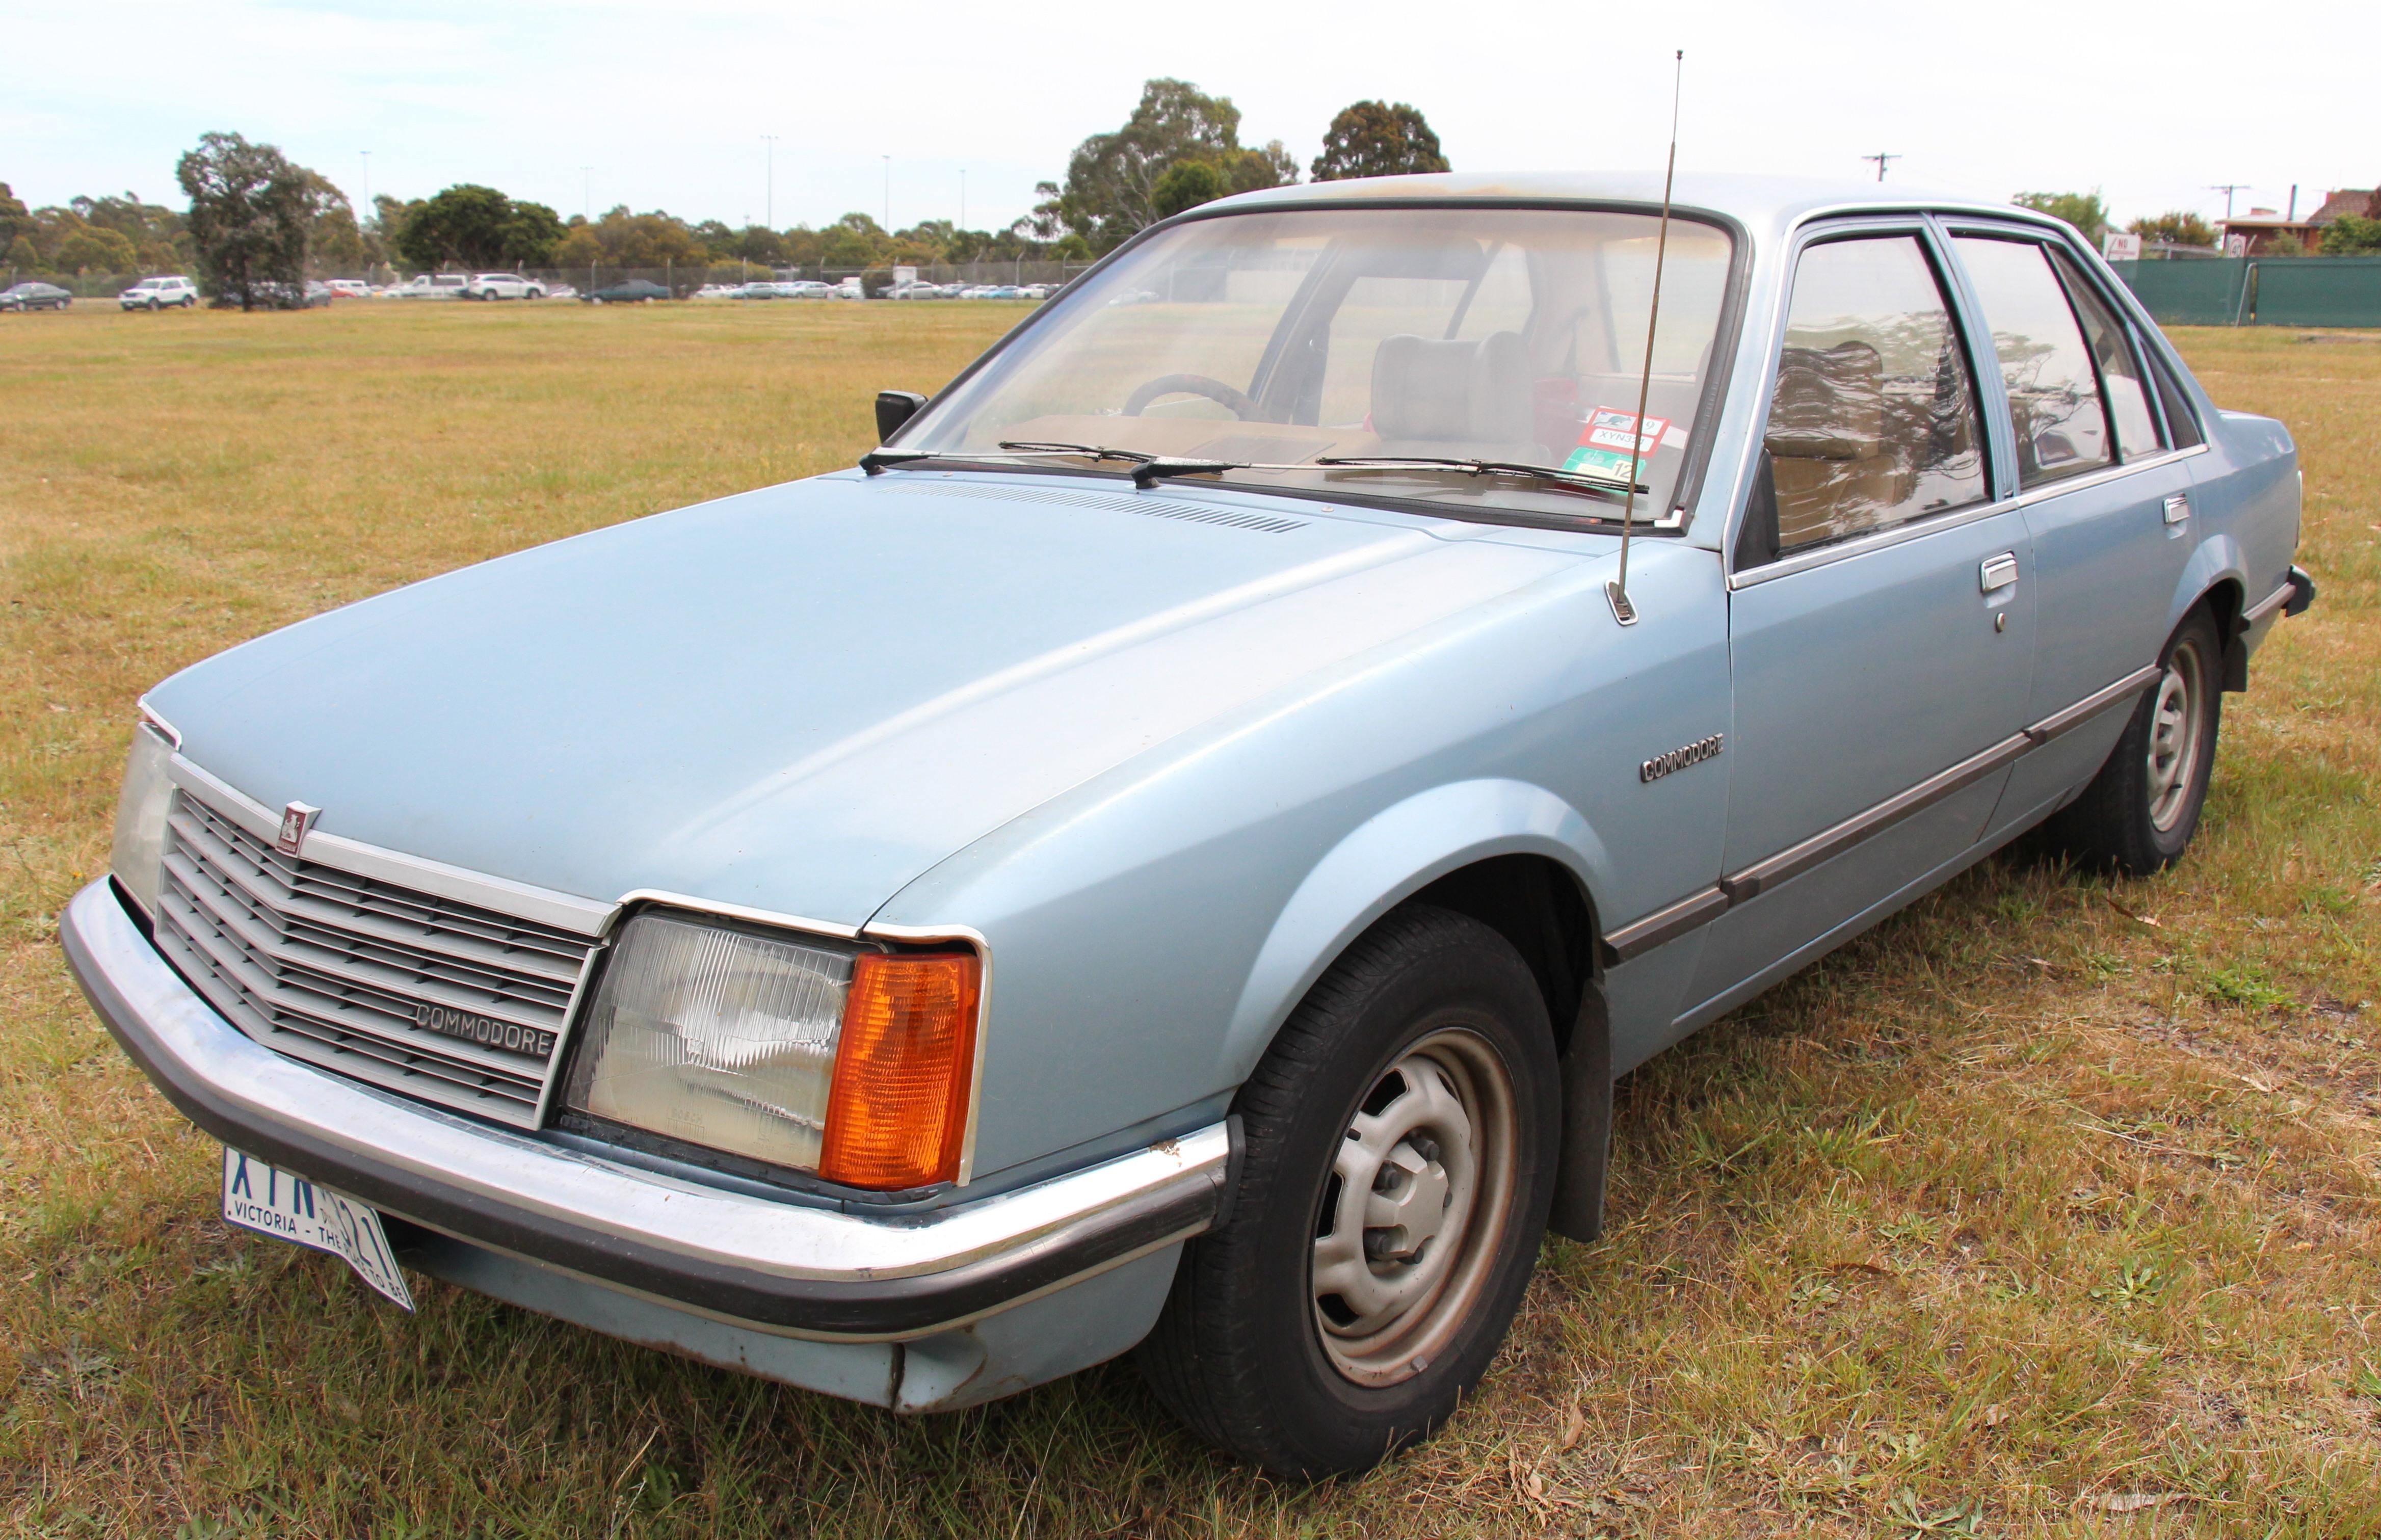 Holden Commodore (VB) - Wikipedia